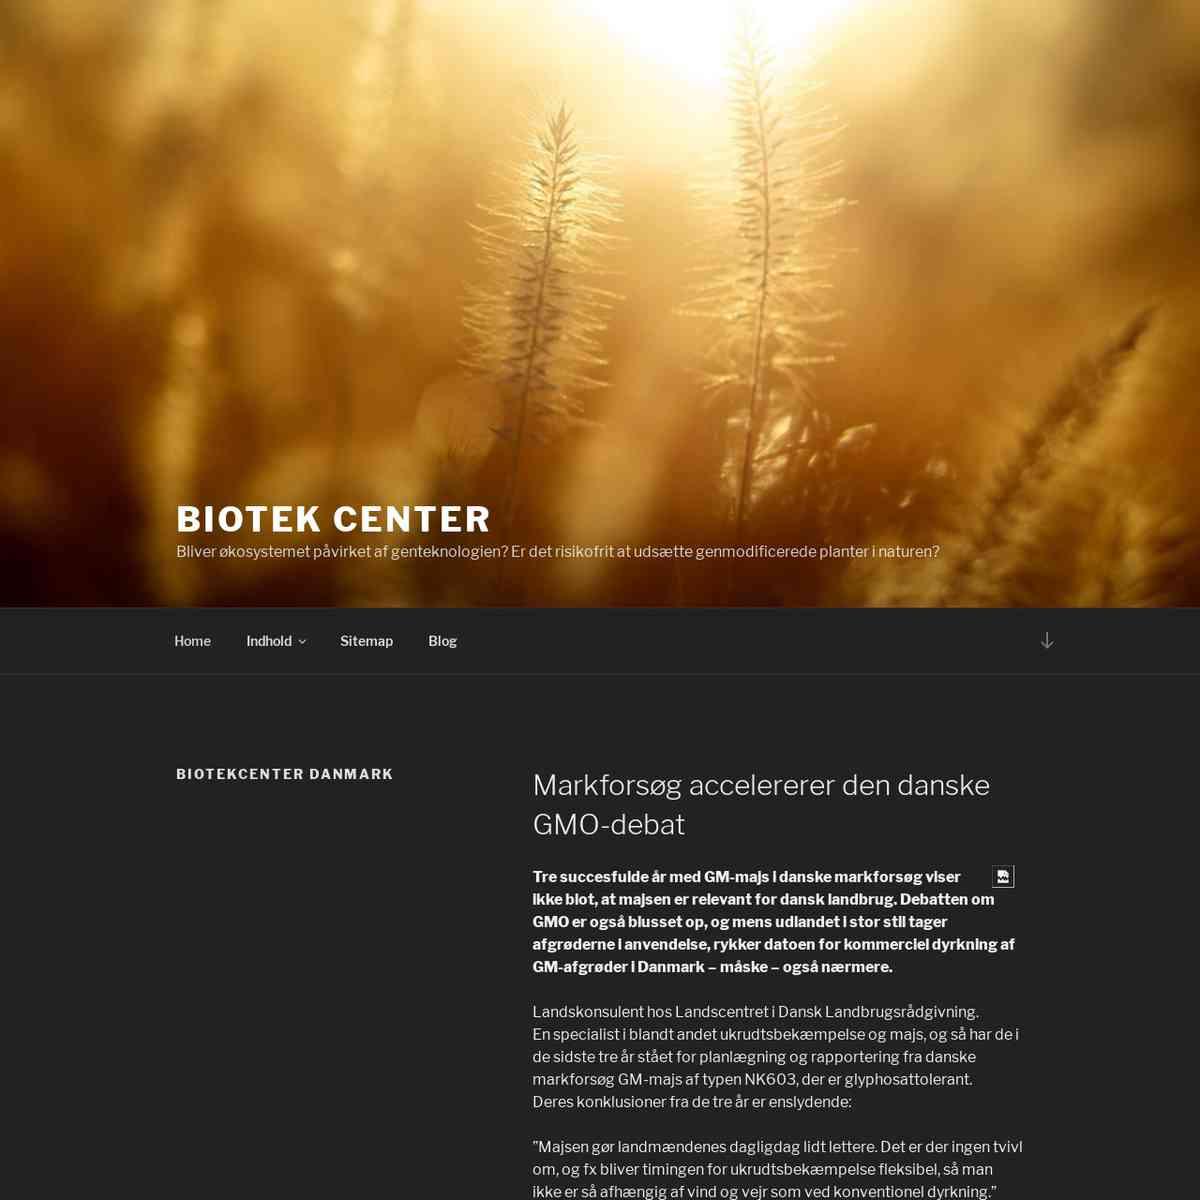 biotekcenter.dk